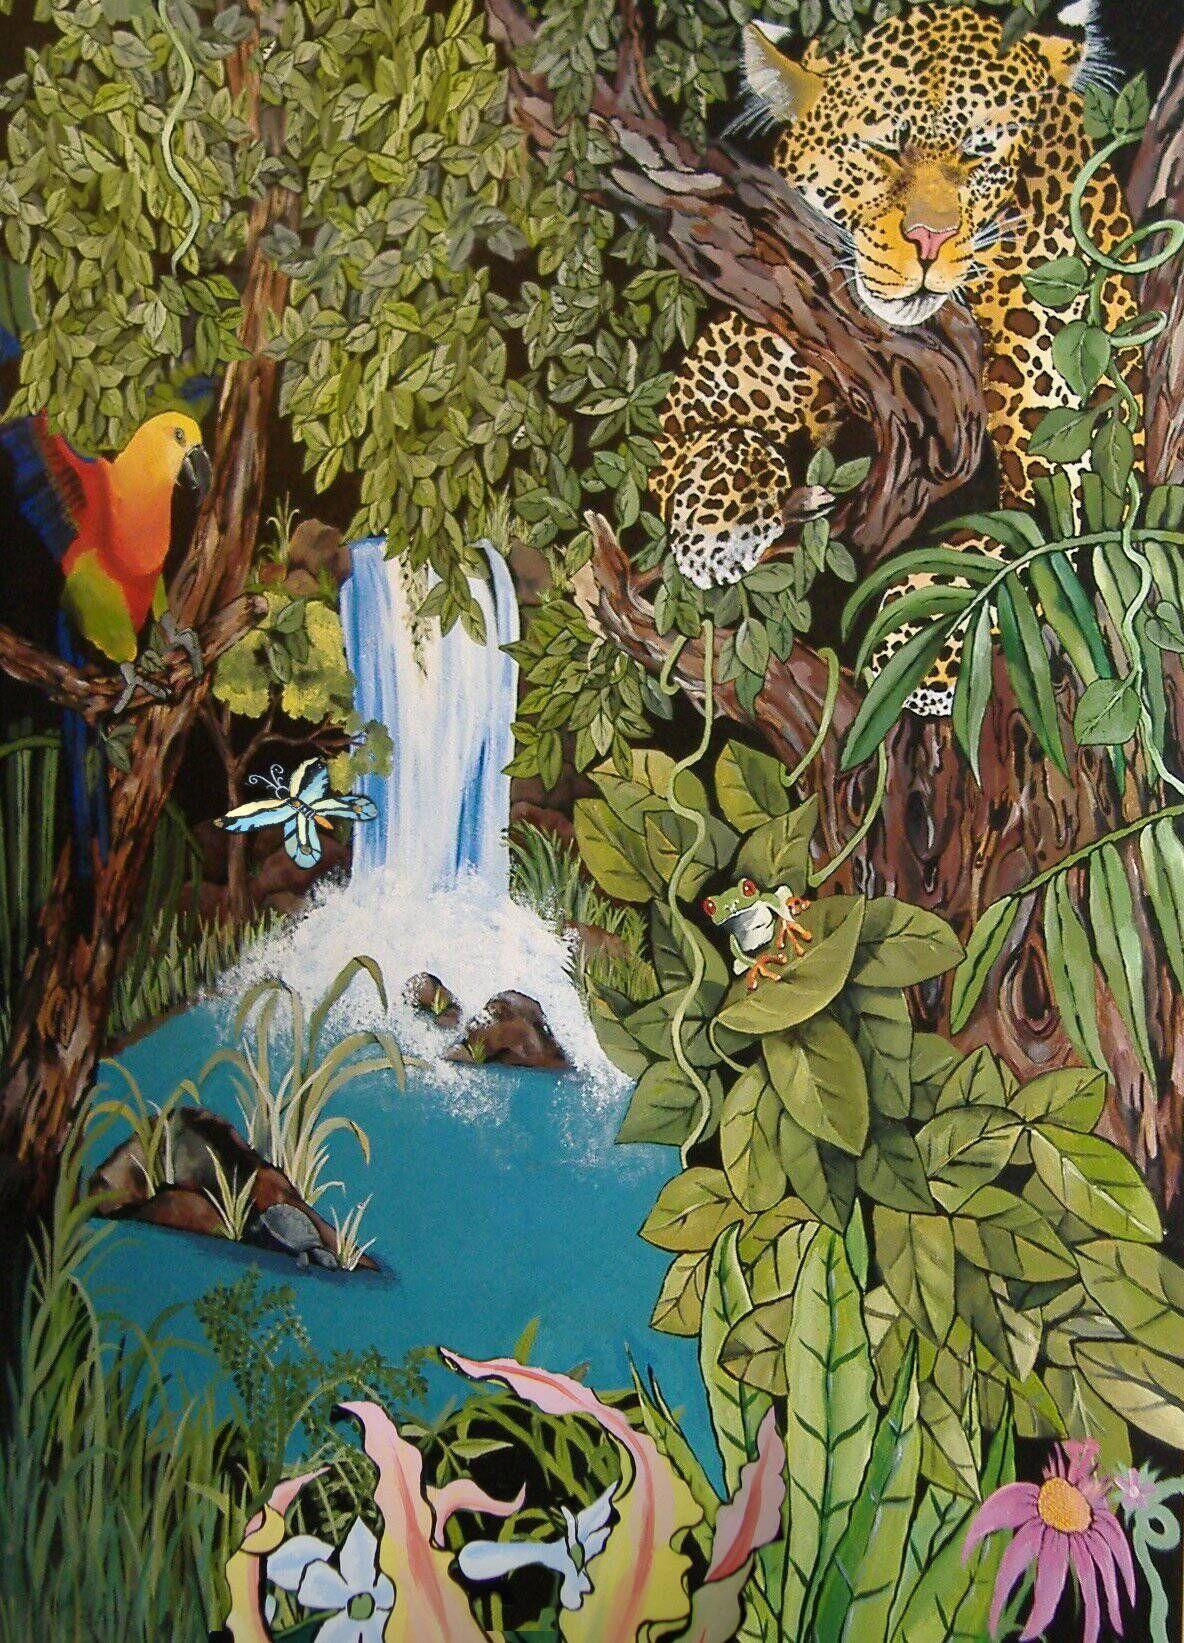 Jungle Mural Murals Rainforest Animals Art Forest Mural